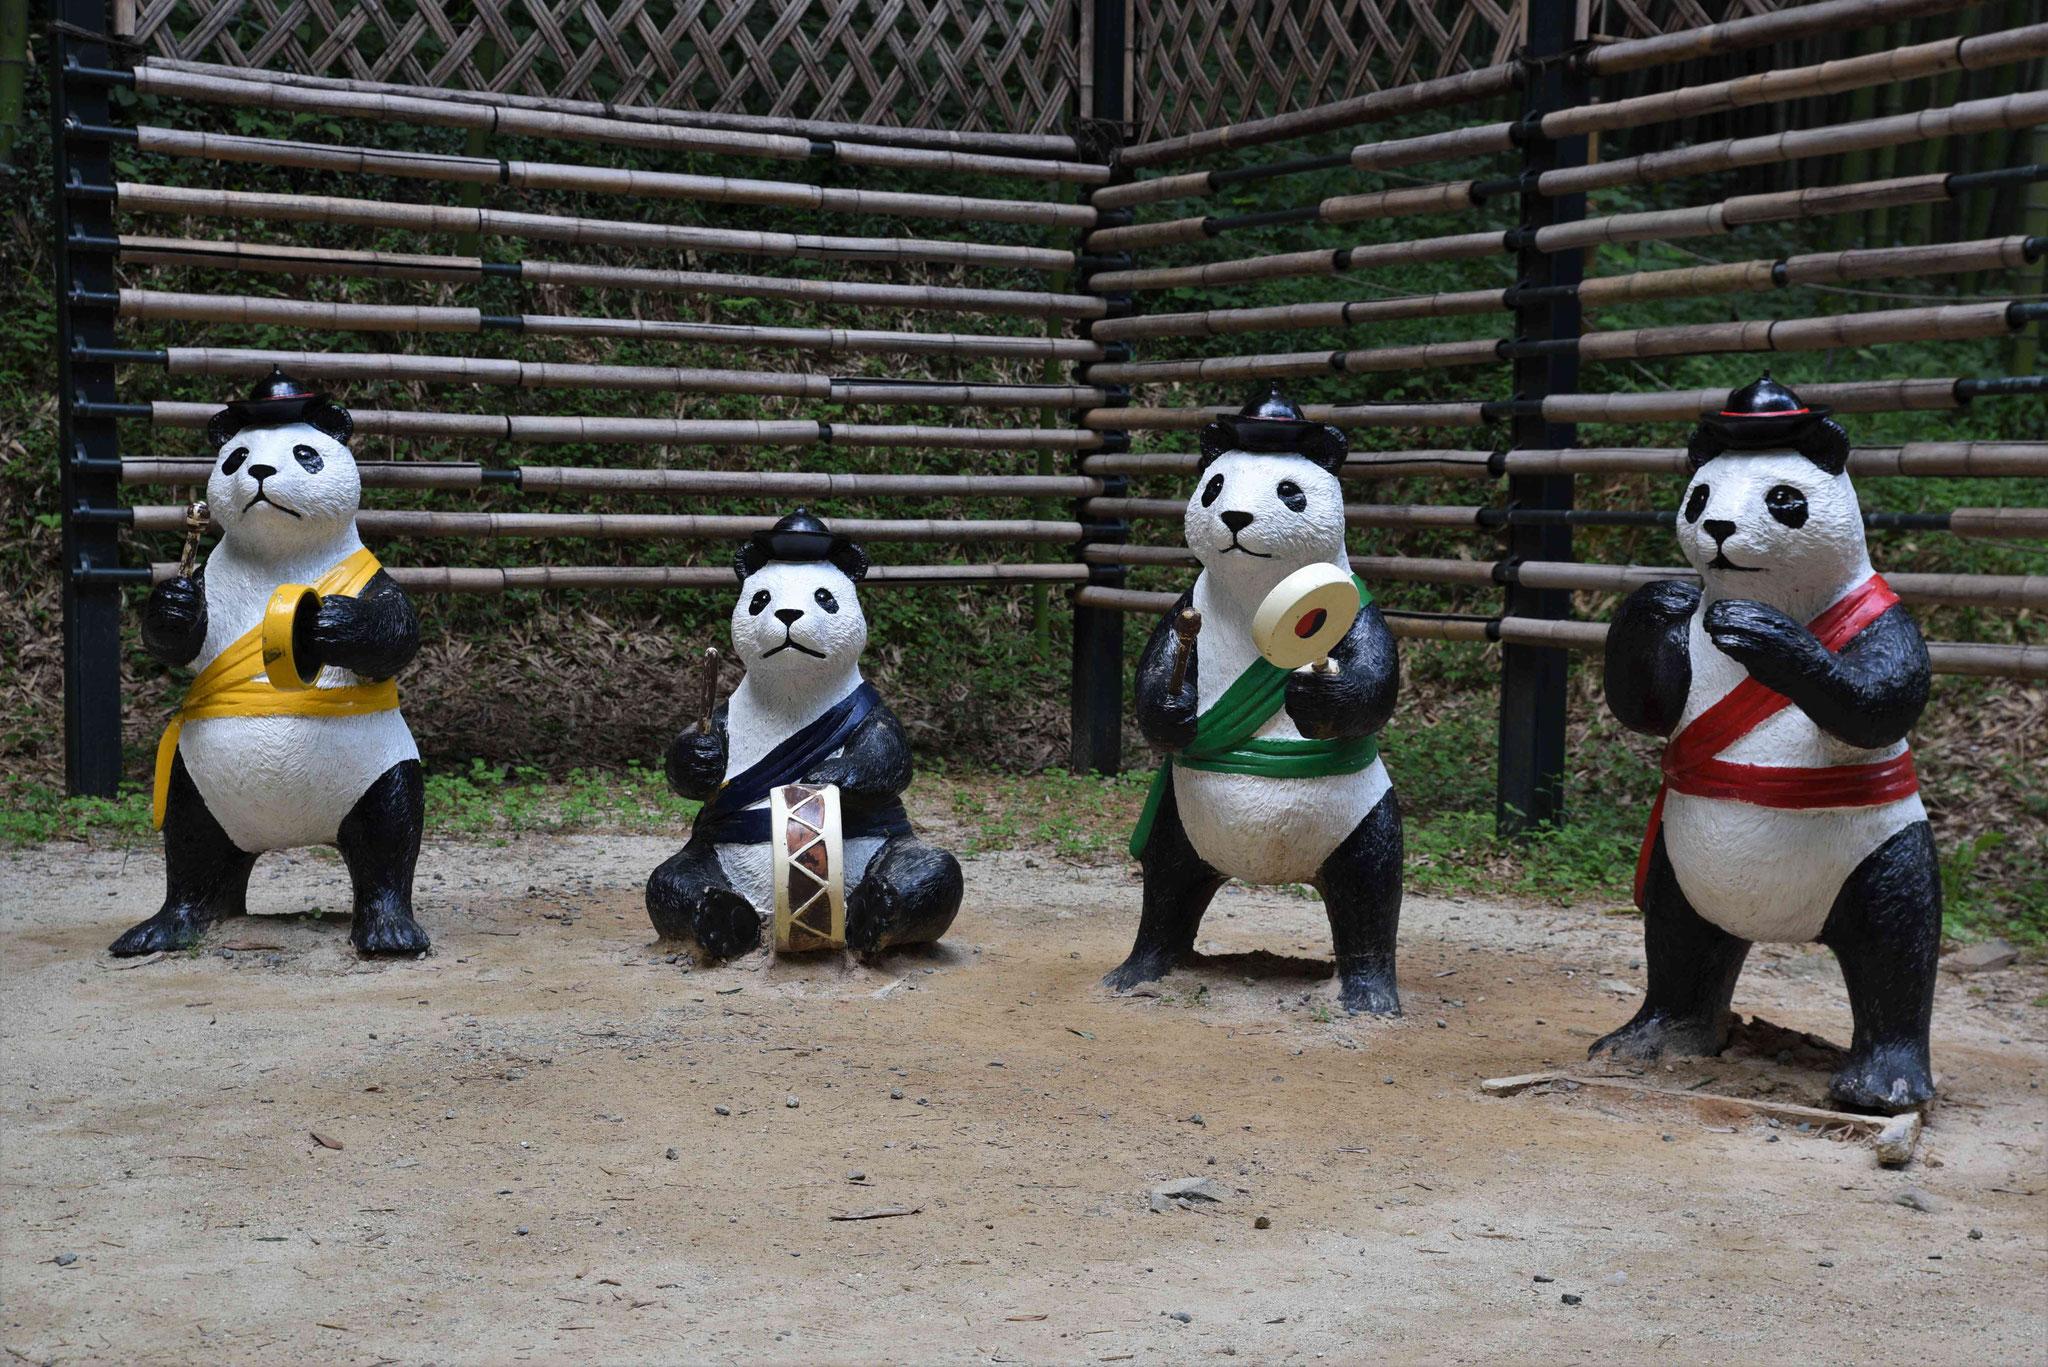 Combogruppe - die fantastischen Pandas ?